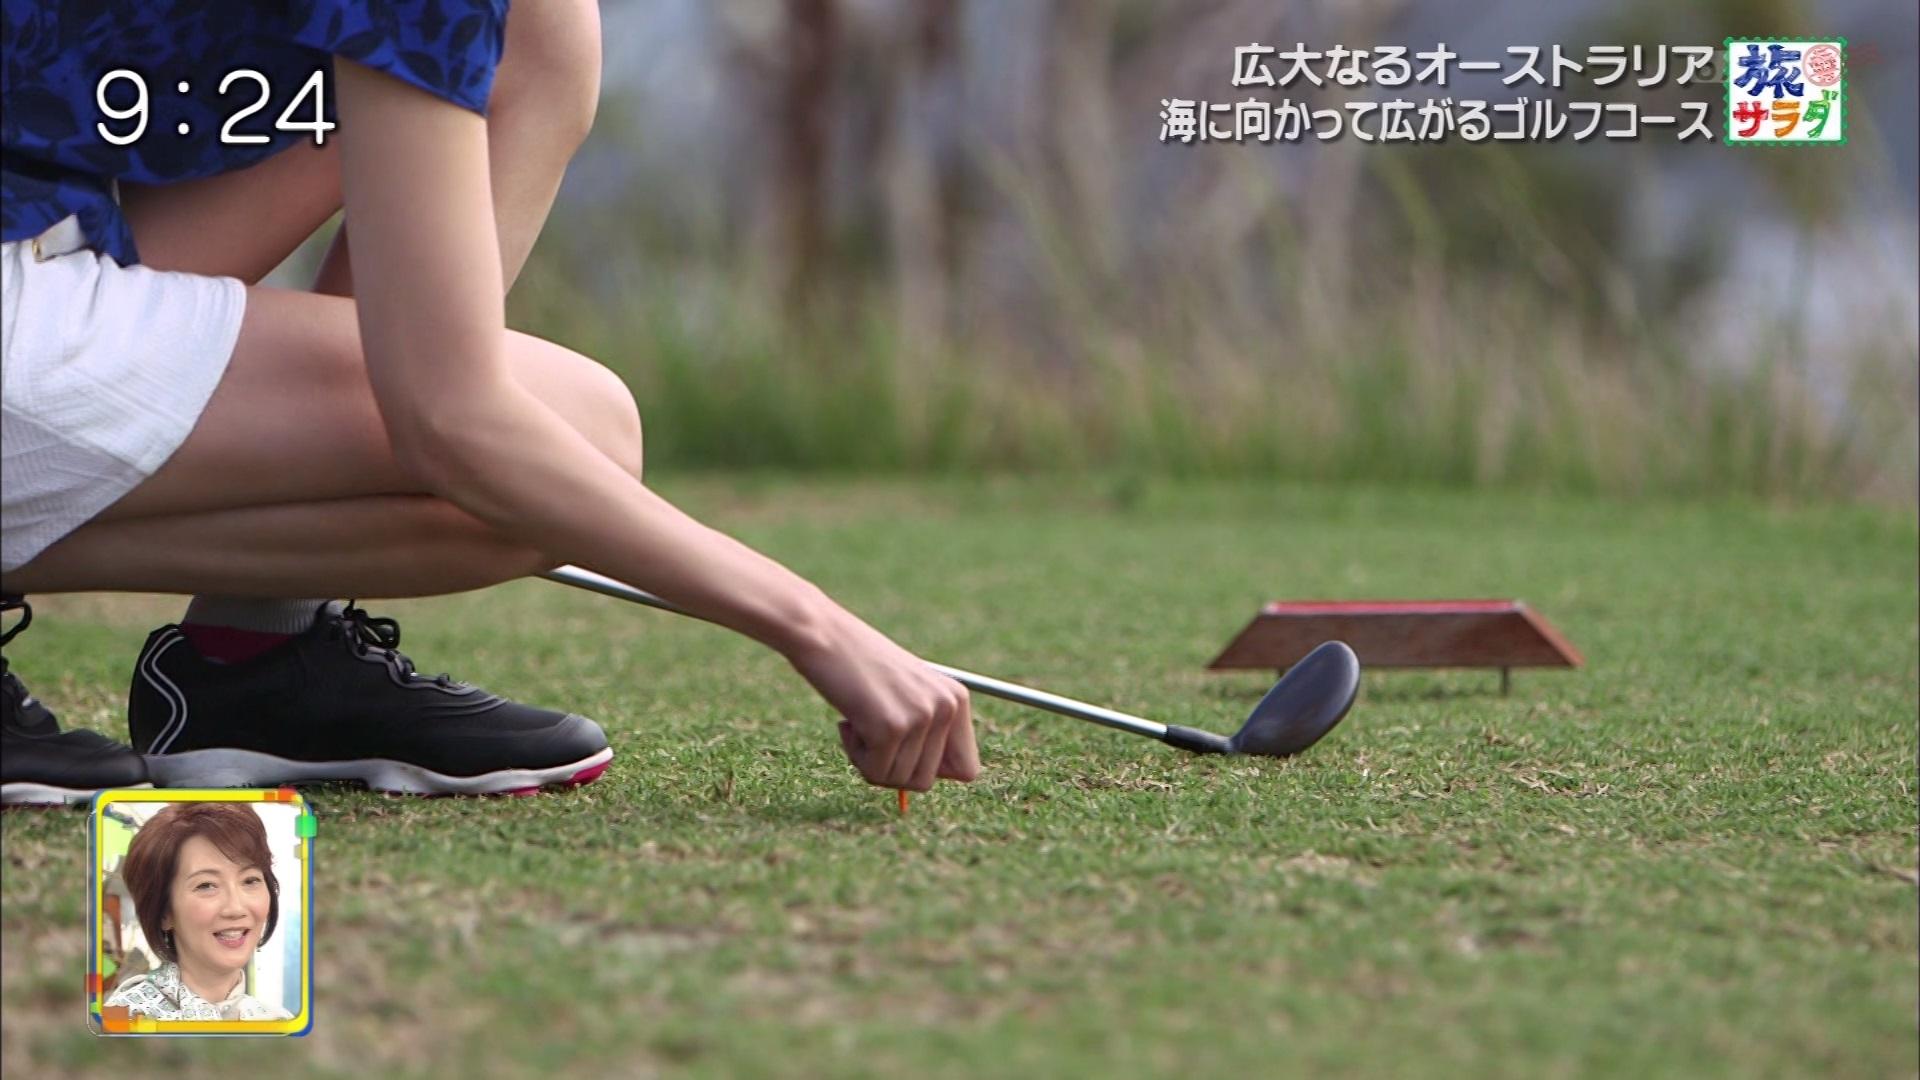 2019年2月23日テレビ朝日「旅サラダ」渡辺舞さんのテレビキャプチャー画像-081